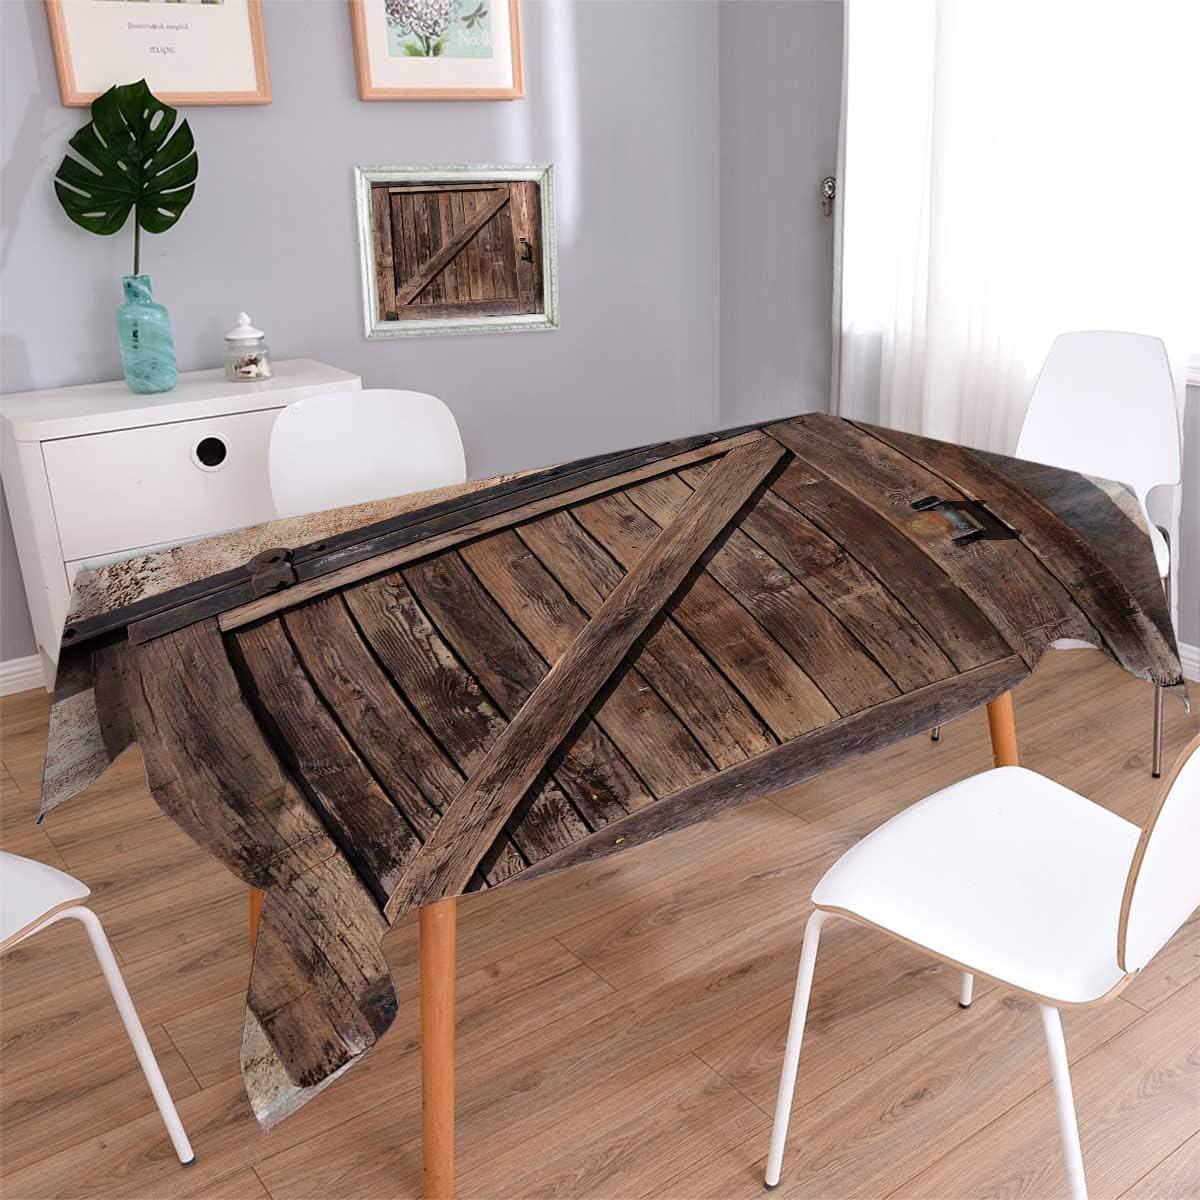 Anmaseven - Vajilla rústica para picnic, puerta corredera envejecida con textura rústica, estilo vintage auténtico, impresión arquitectónica rural, cubierta de mesa impermeable para cocina, marrón, tamaño: 36 x 36 cm: Amazon.es: Hogar